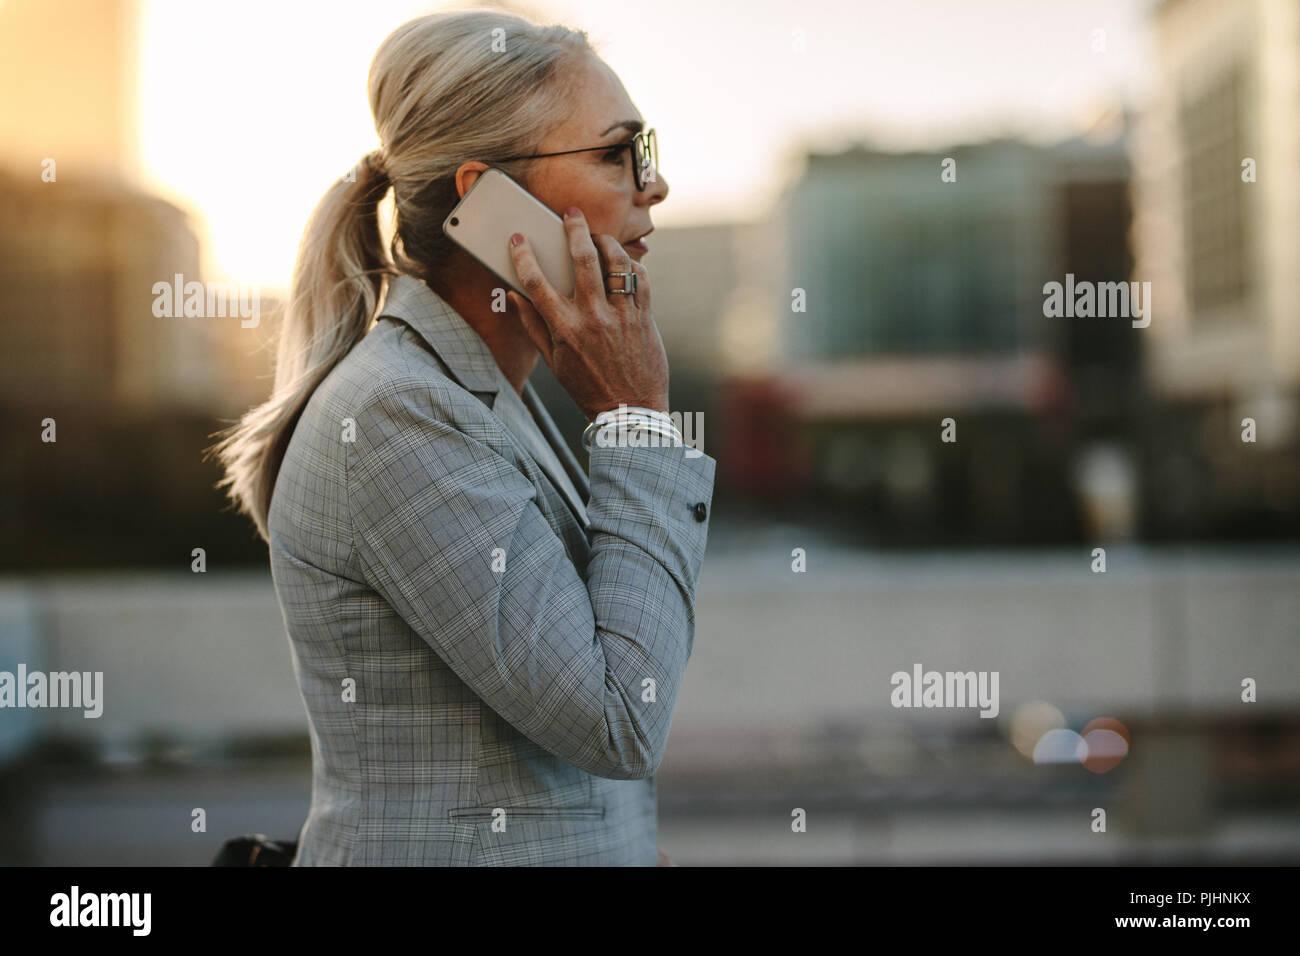 Vue latérale du professionnel d'affaires à l'extérieur de marche sur route talking on cell phone. Femme mature la marche à l'extérieur sur la rue avec mobile p Photo Stock